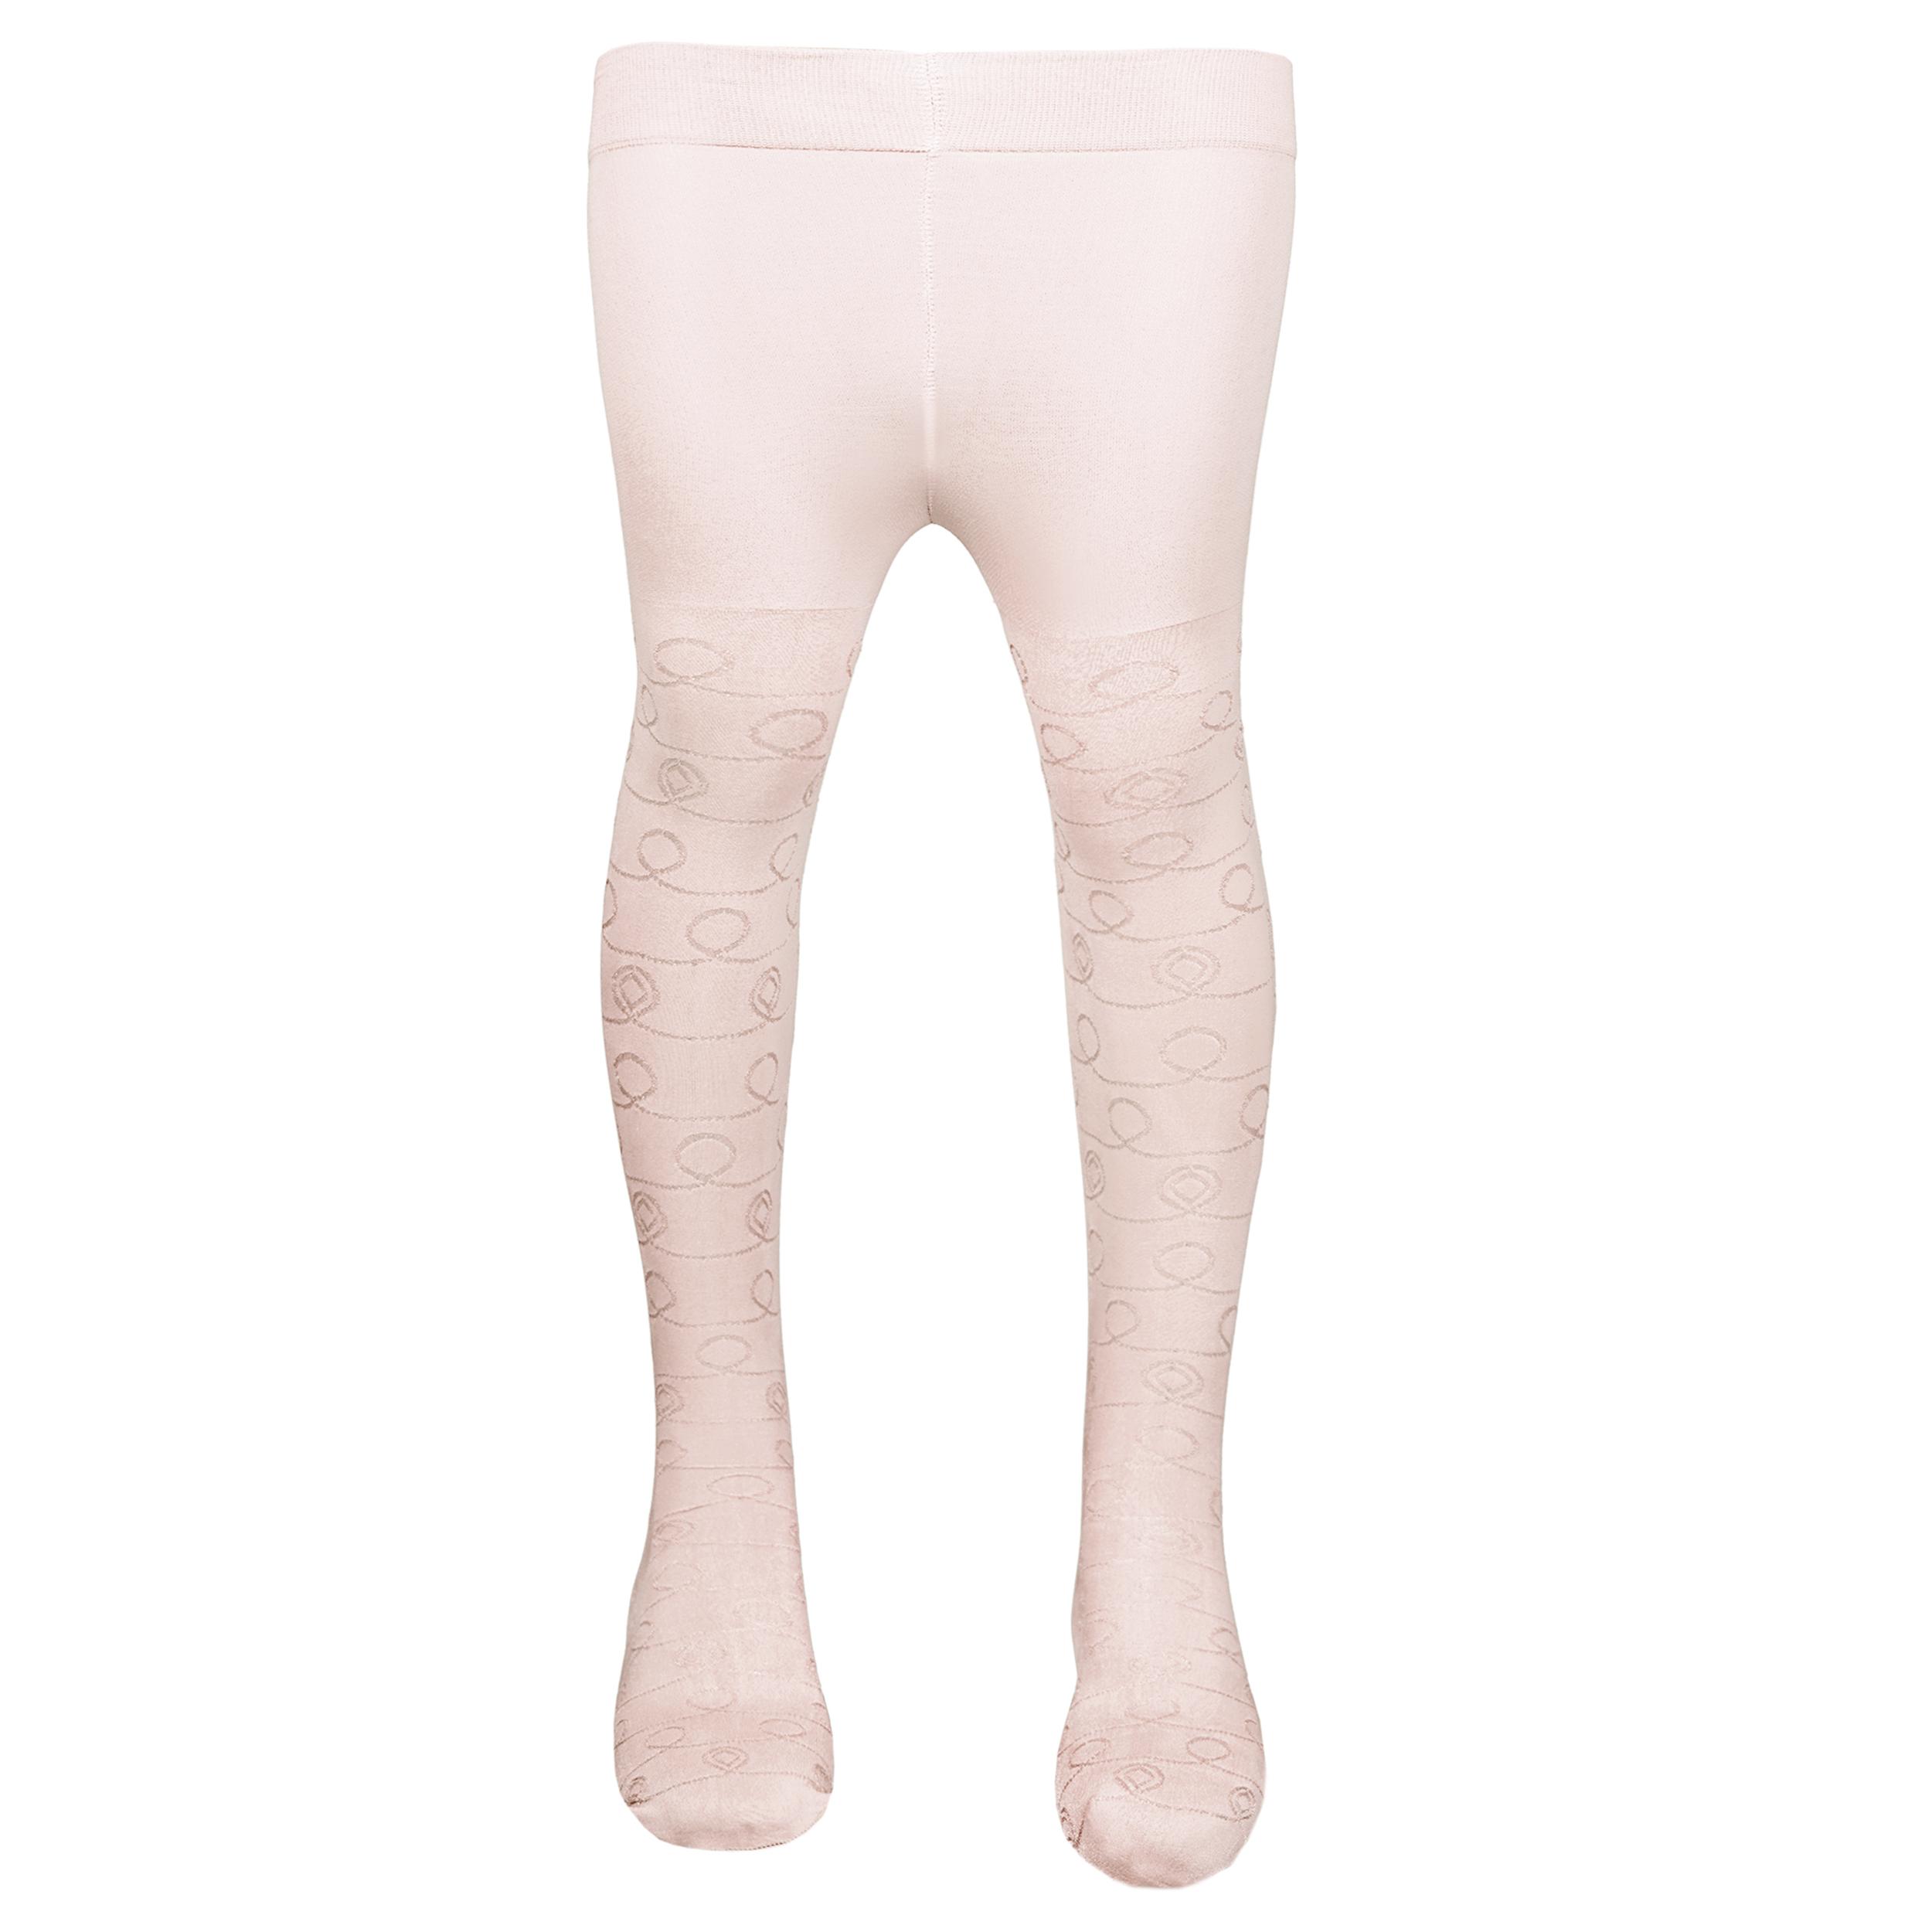 جوراب شلواری دخترانه کد ِDRe65_8  رنگ شیری